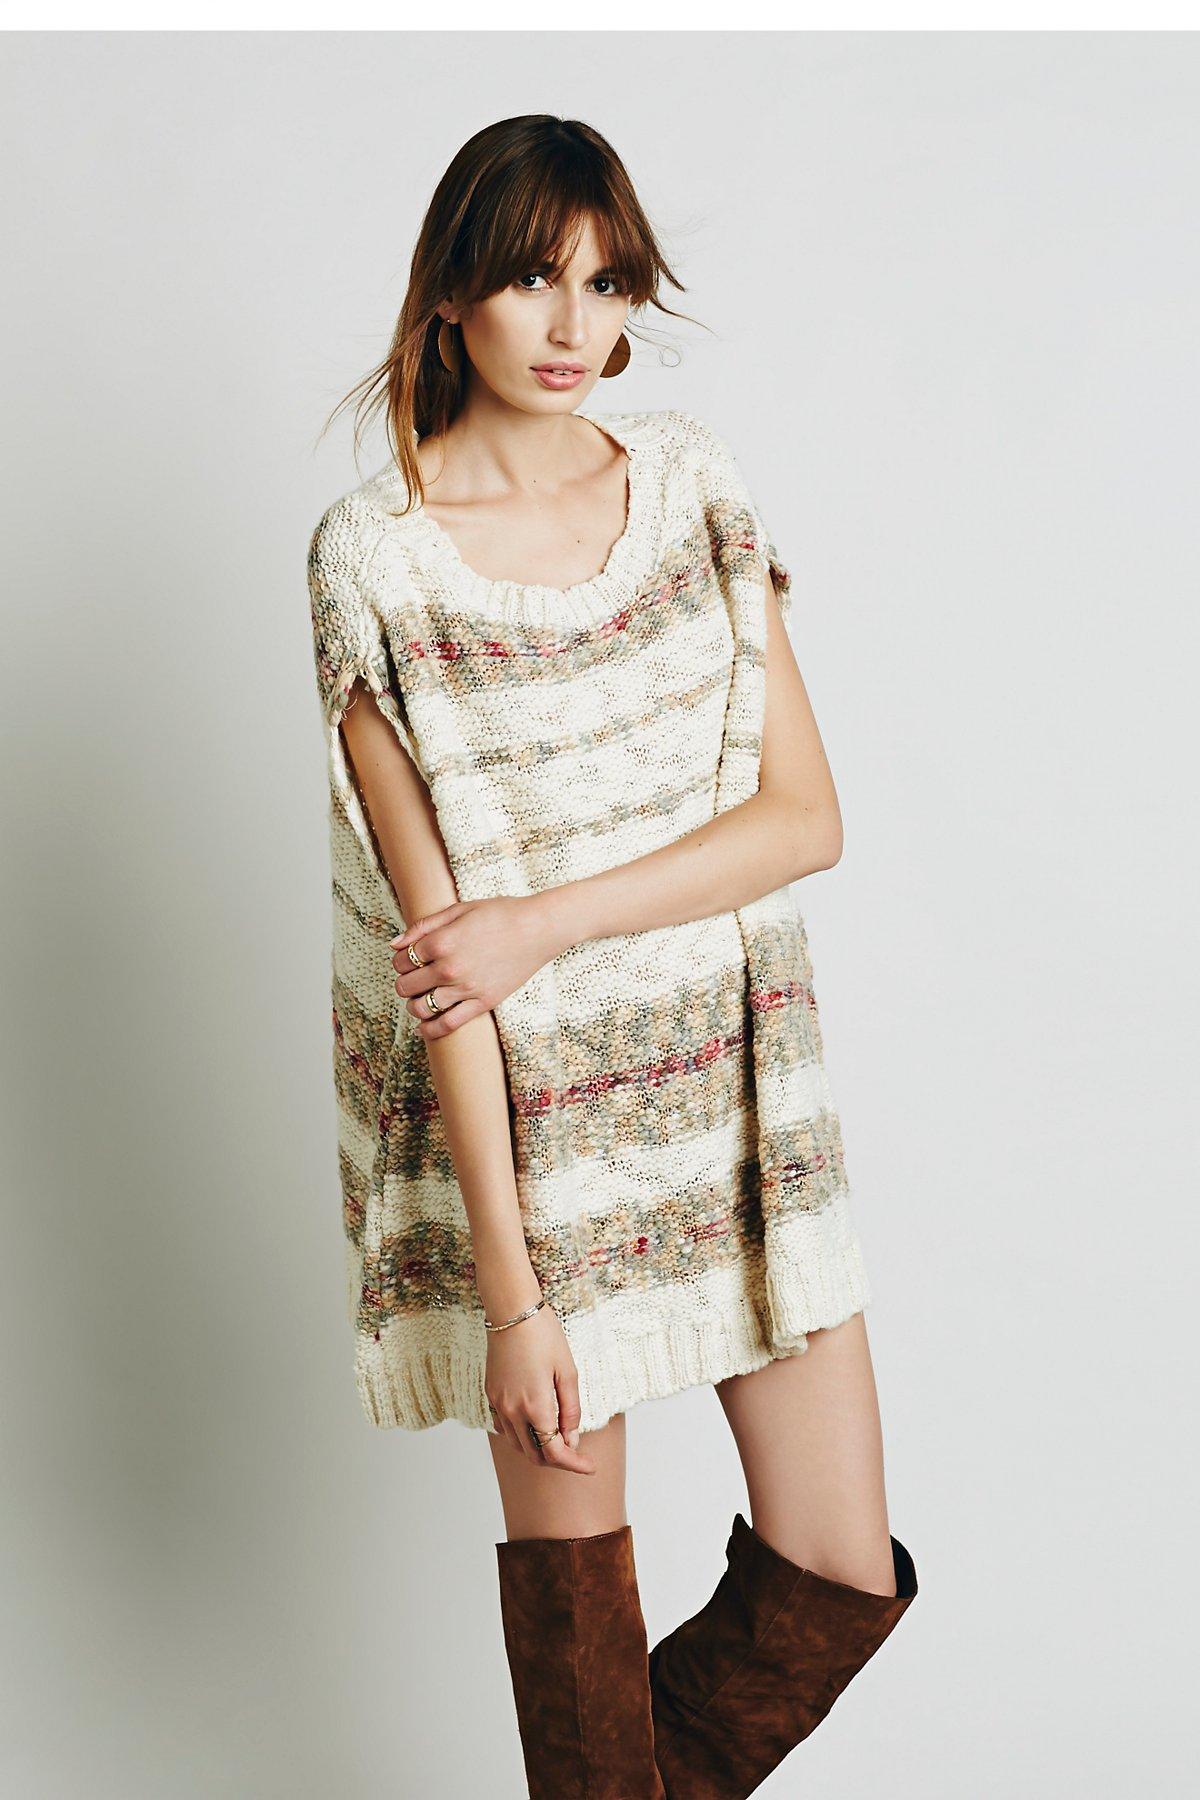 条纹飘逸裙衫